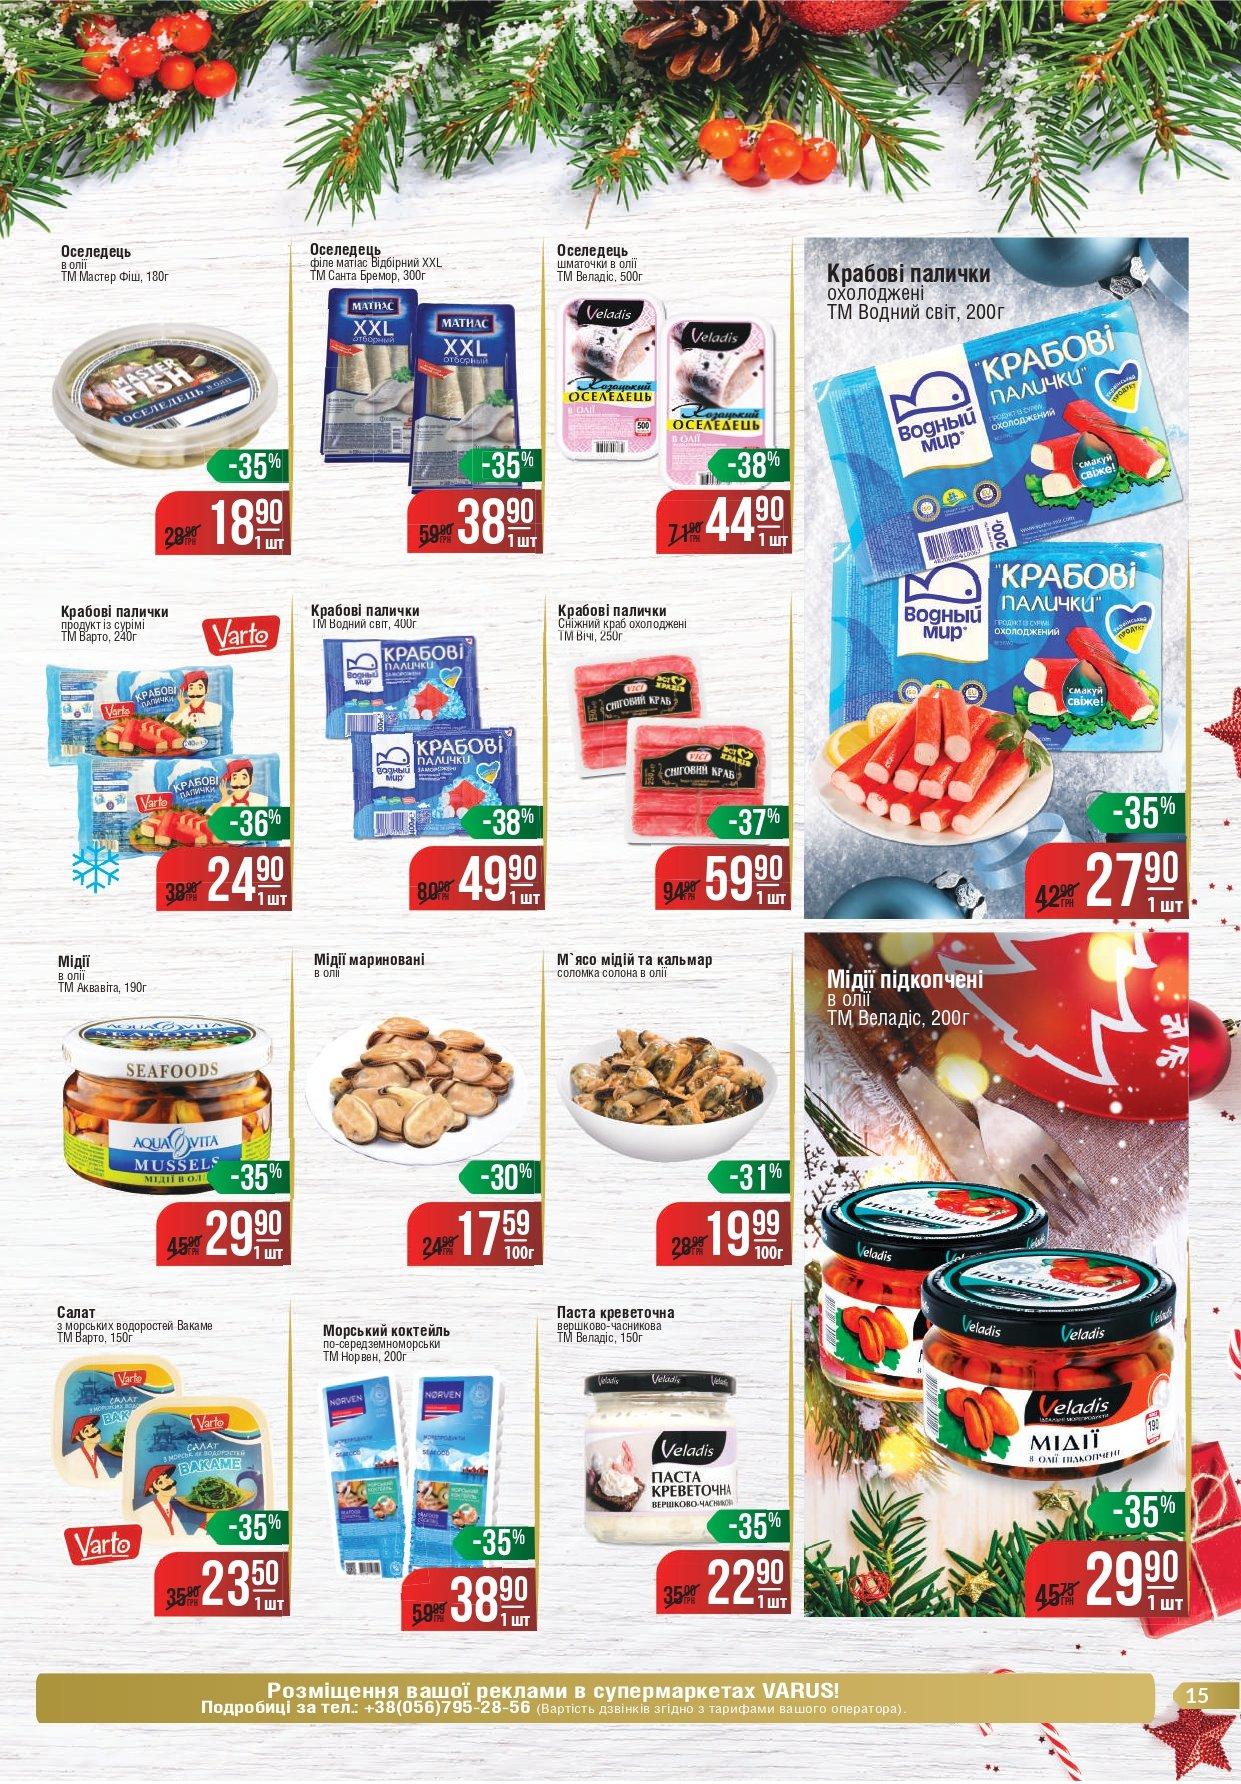 Делаем покупки к Новому Году: какие акции действуют в супермаркетах Днепра, - ЦЕНЫ, фото-44